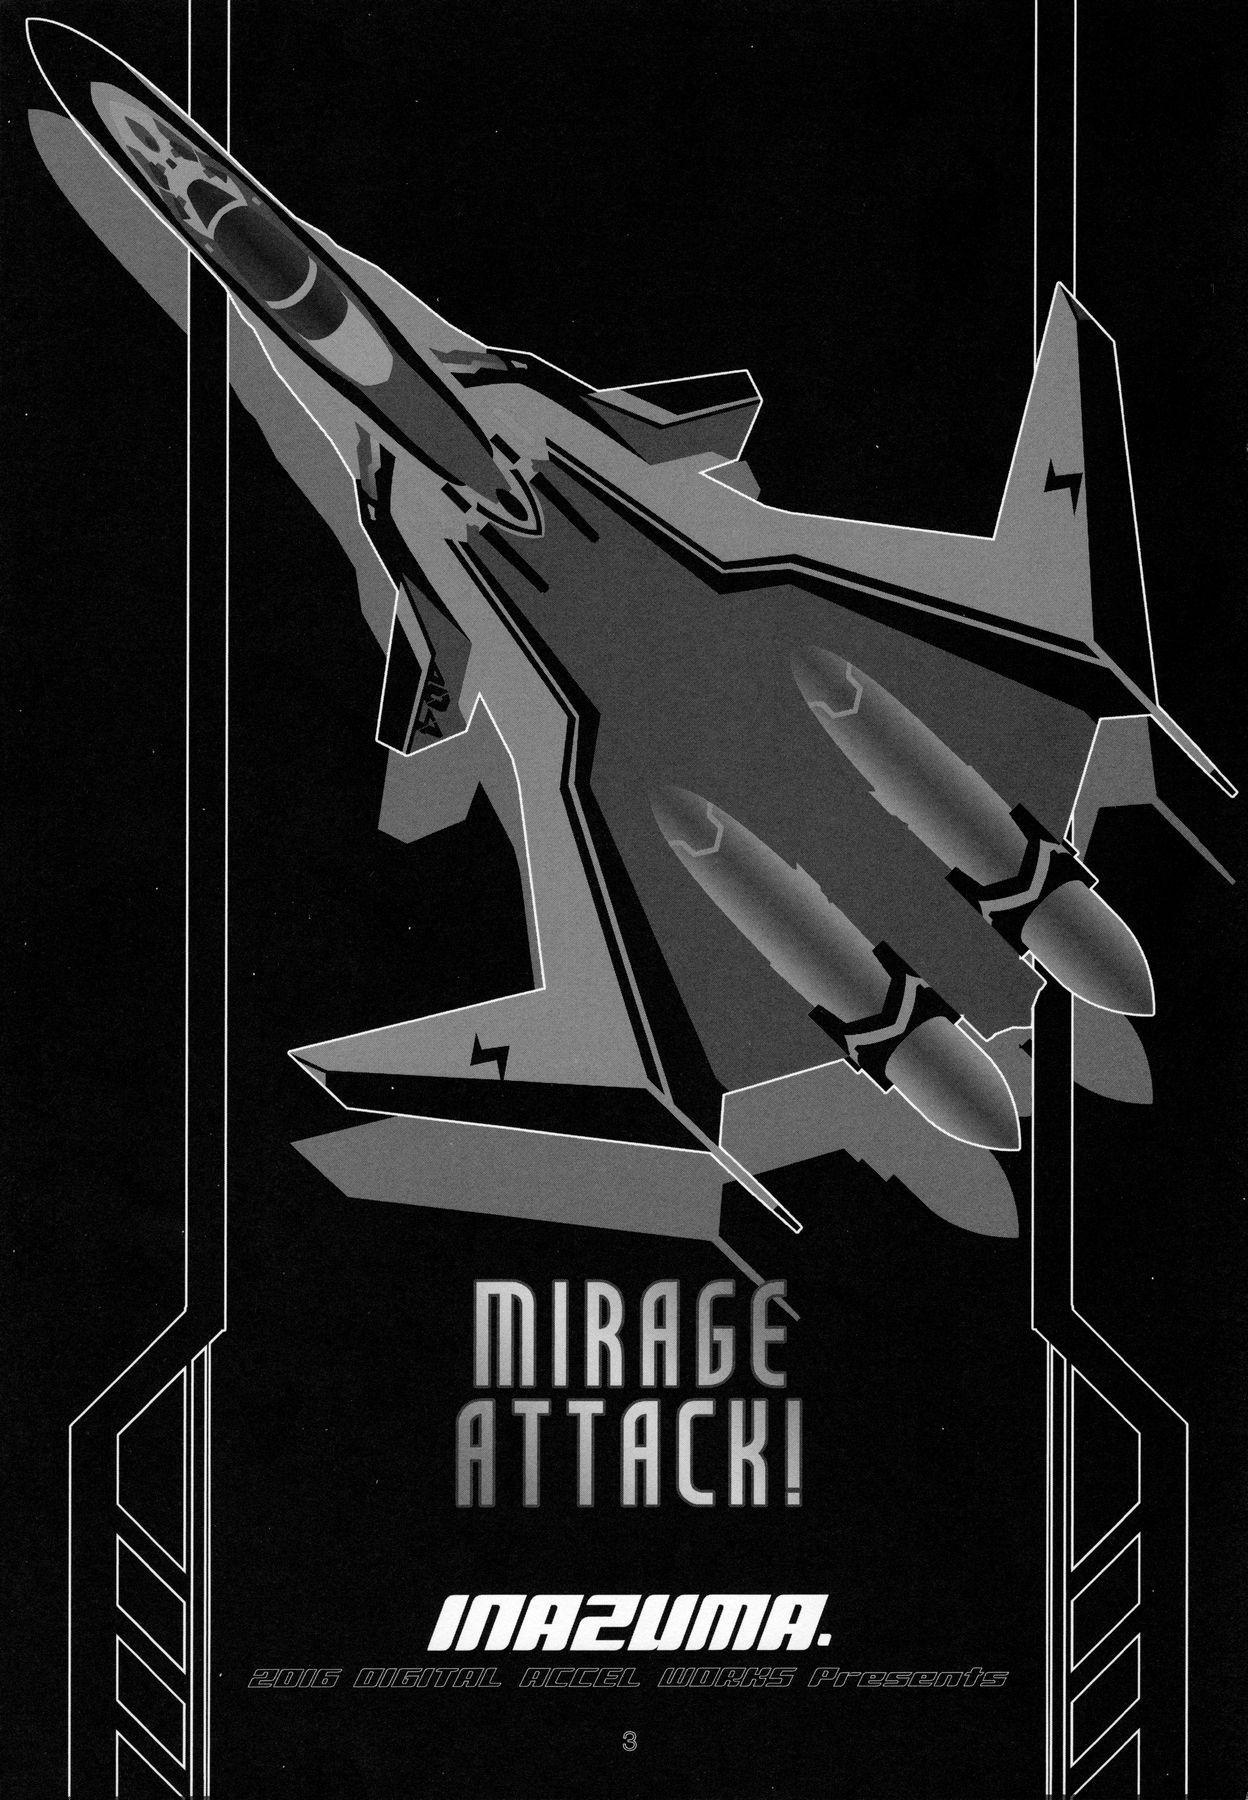 Mirage Attack! 1